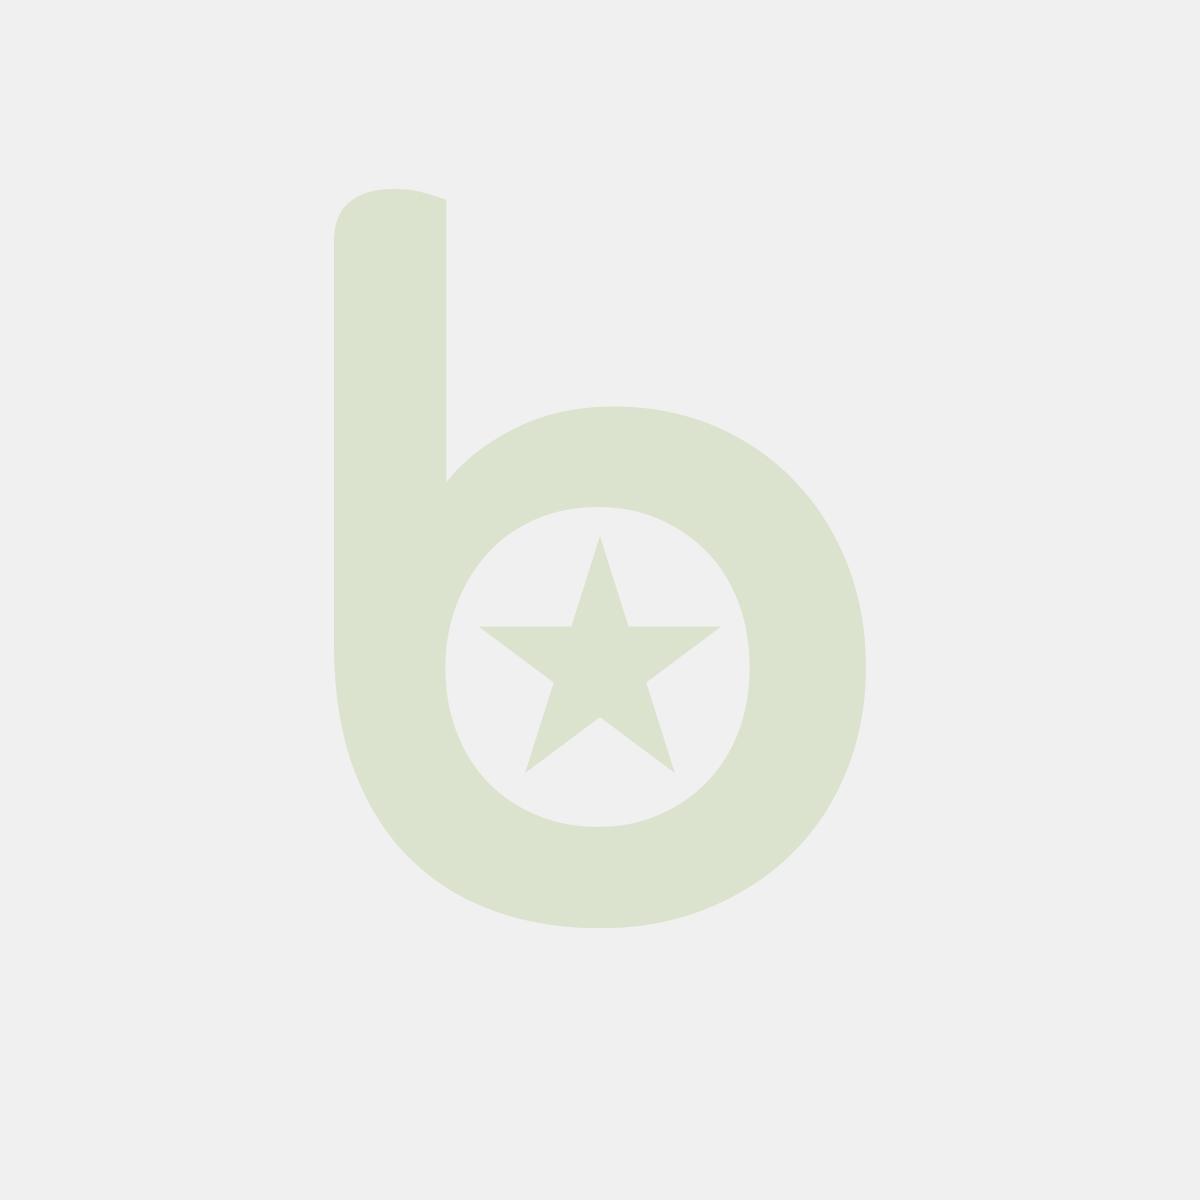 FINGERFOOD - patyczki 9cm TIKON op. 20 sztuk